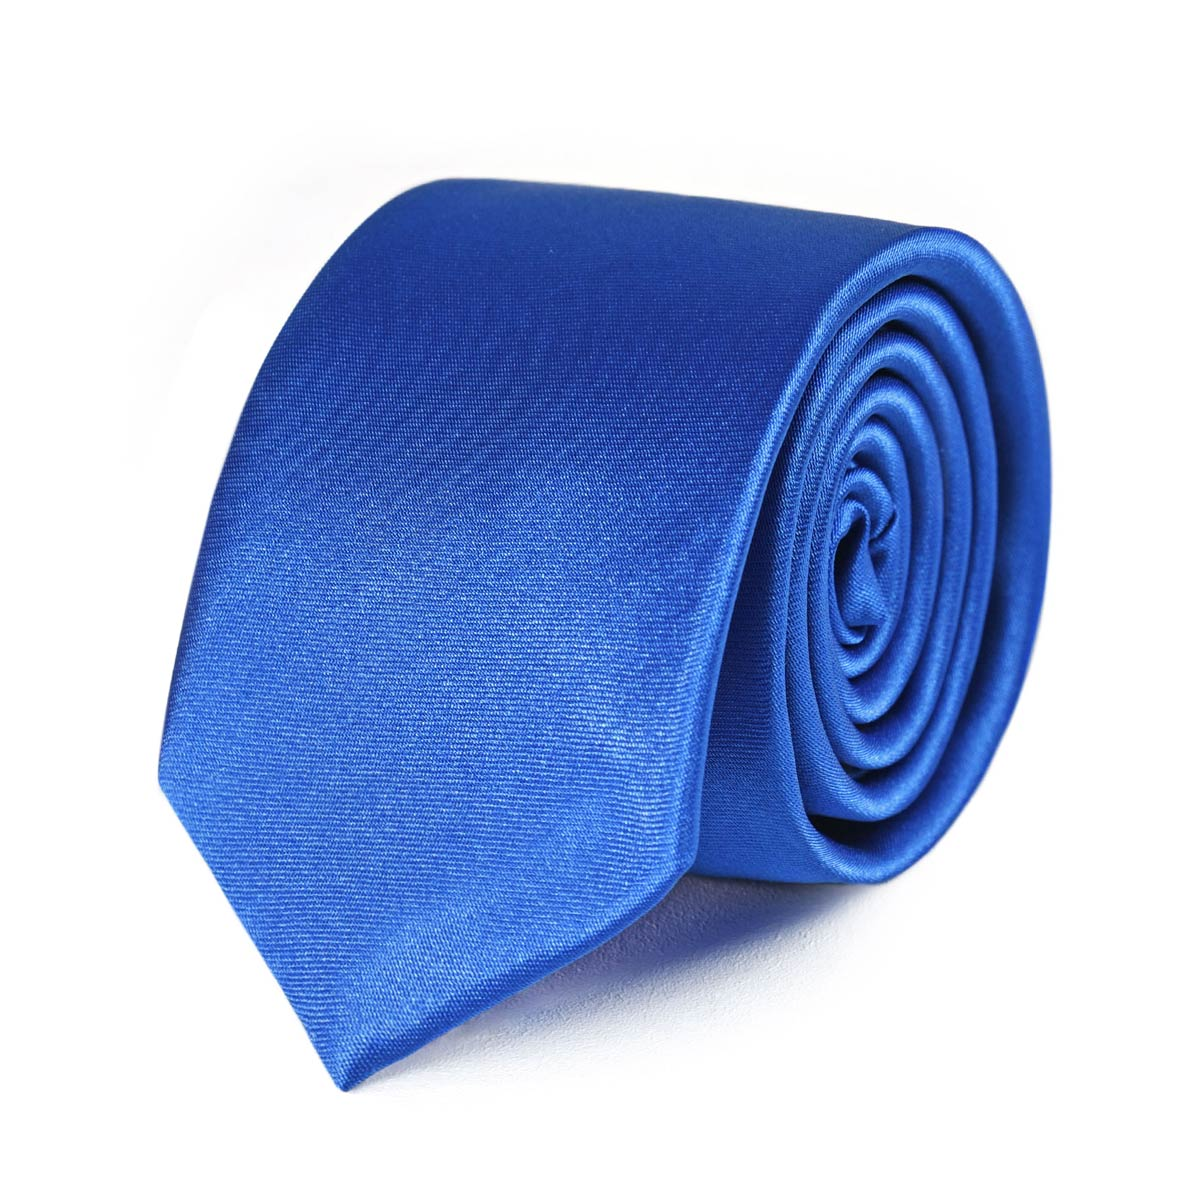 _Cravate-slim-bleu-roi-homme